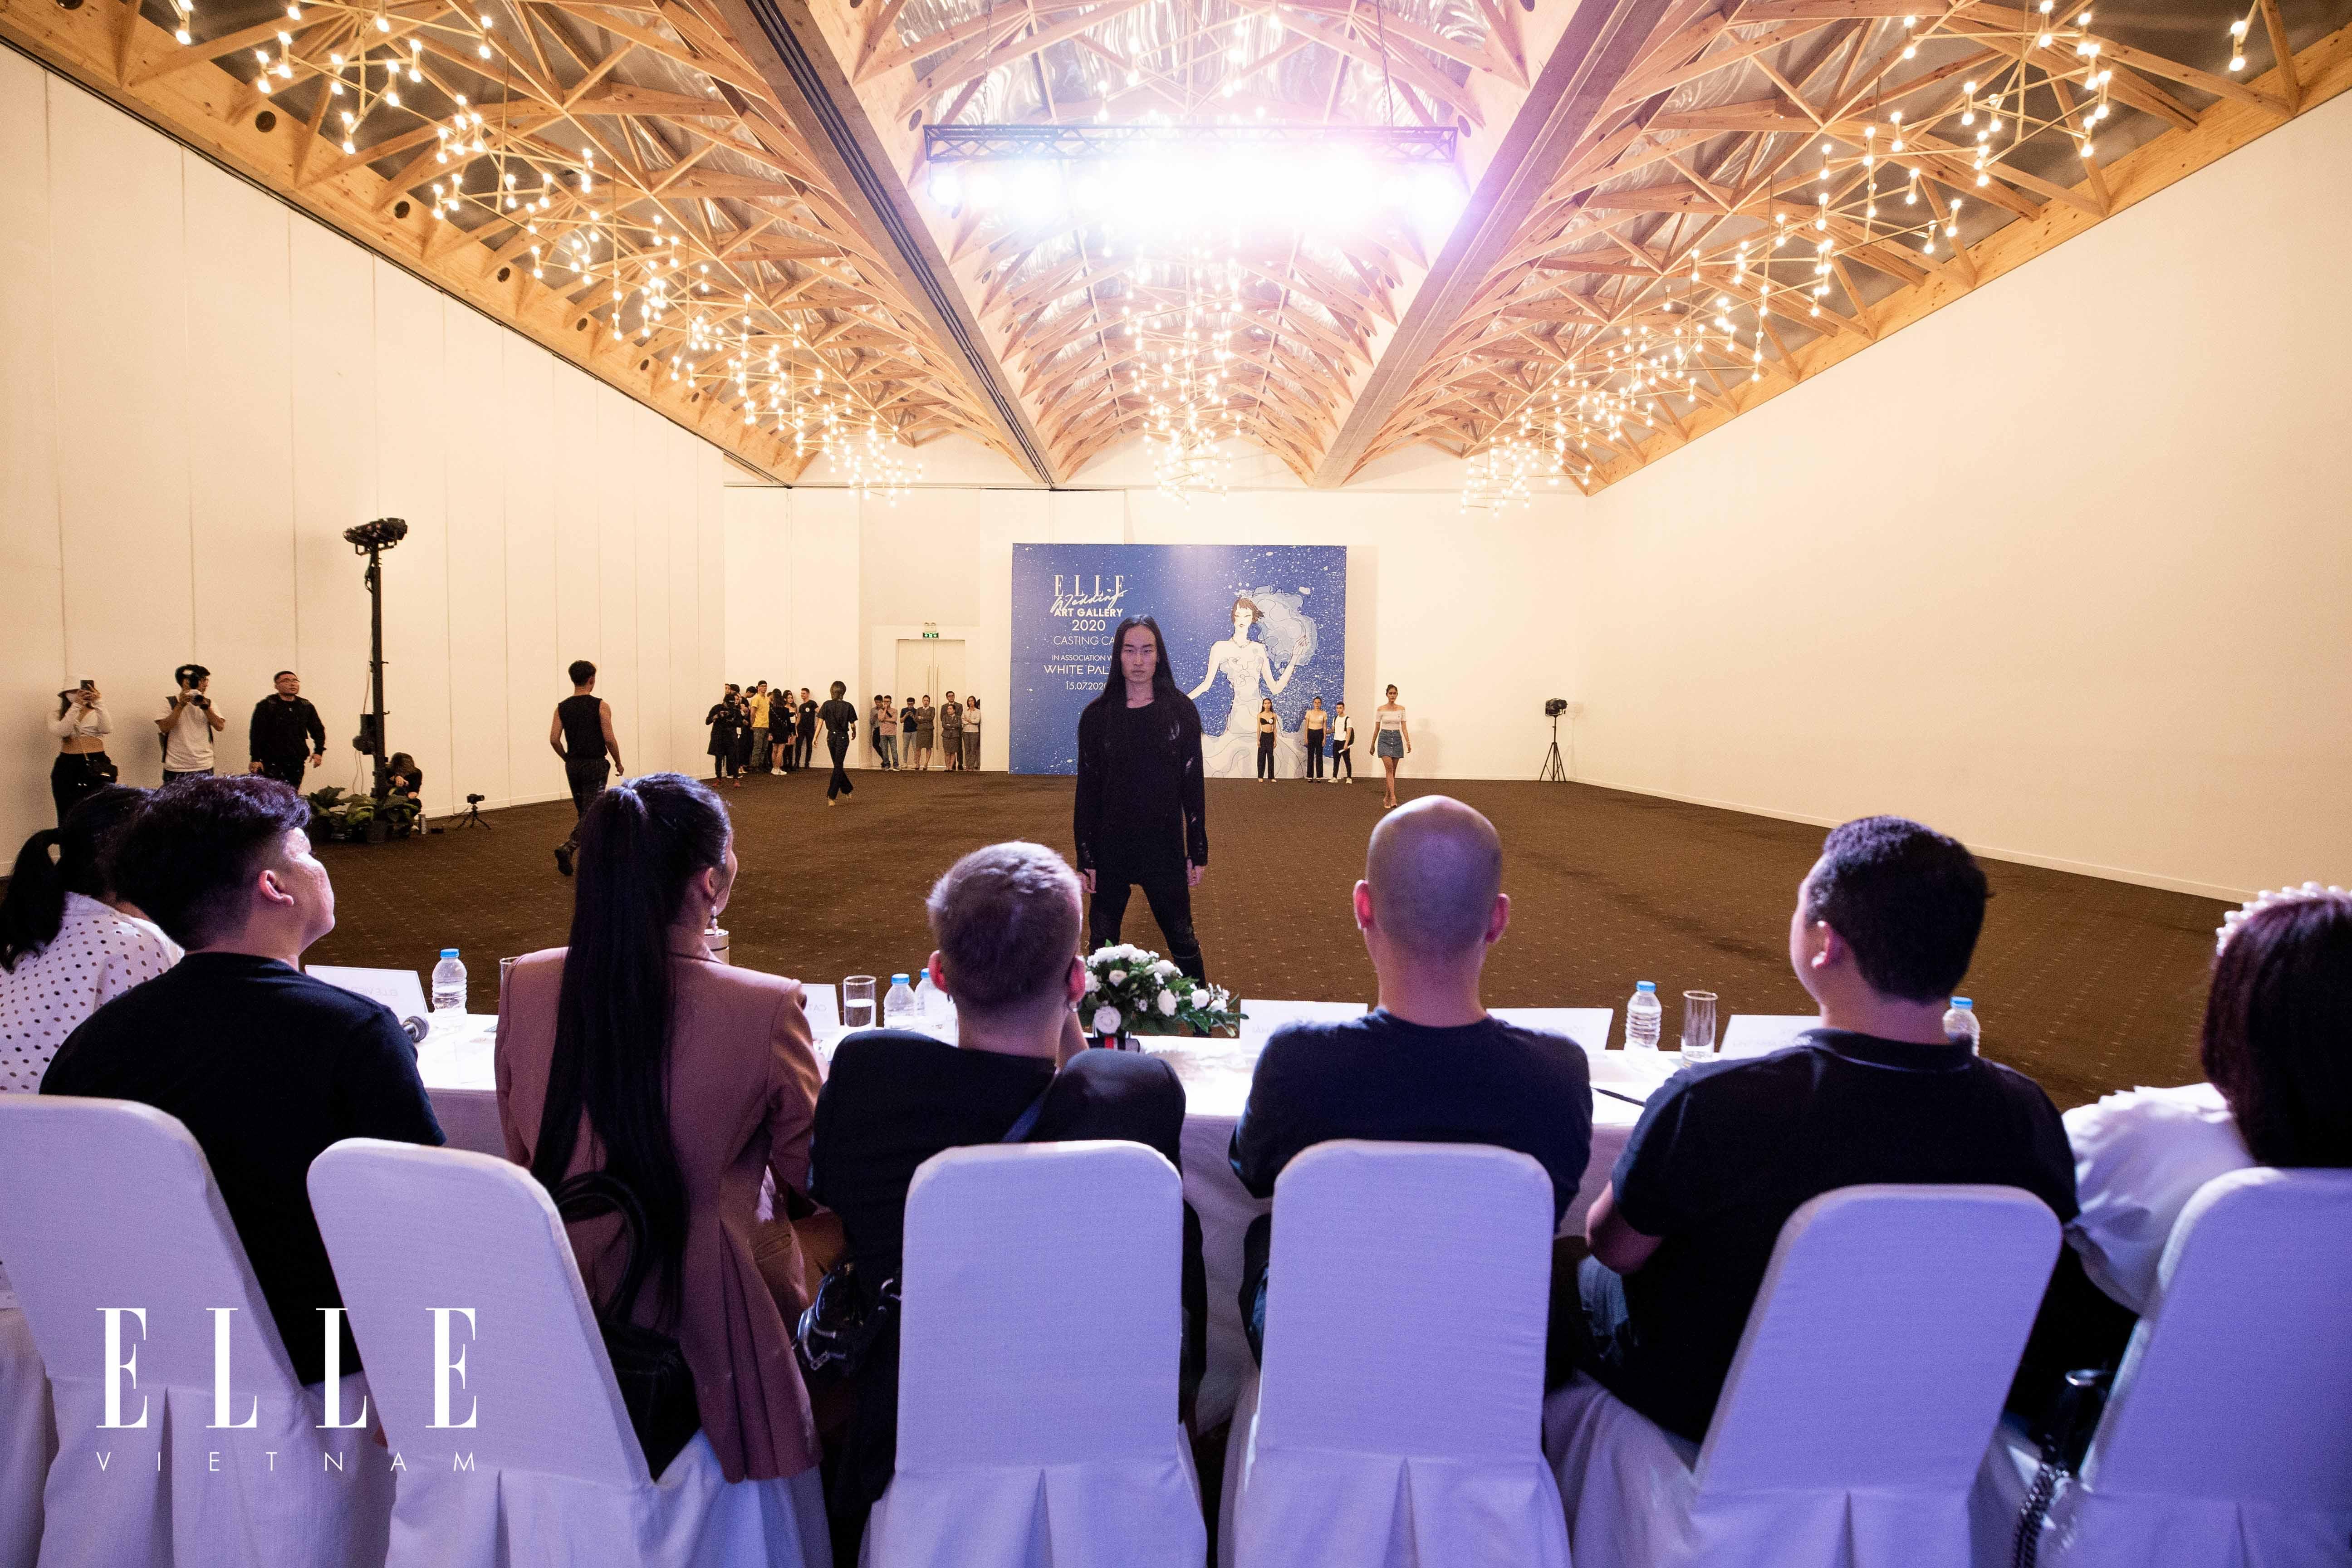 buổi tuyển chọn người mẫu cho elle wedding art gallery 2020 tại white palace